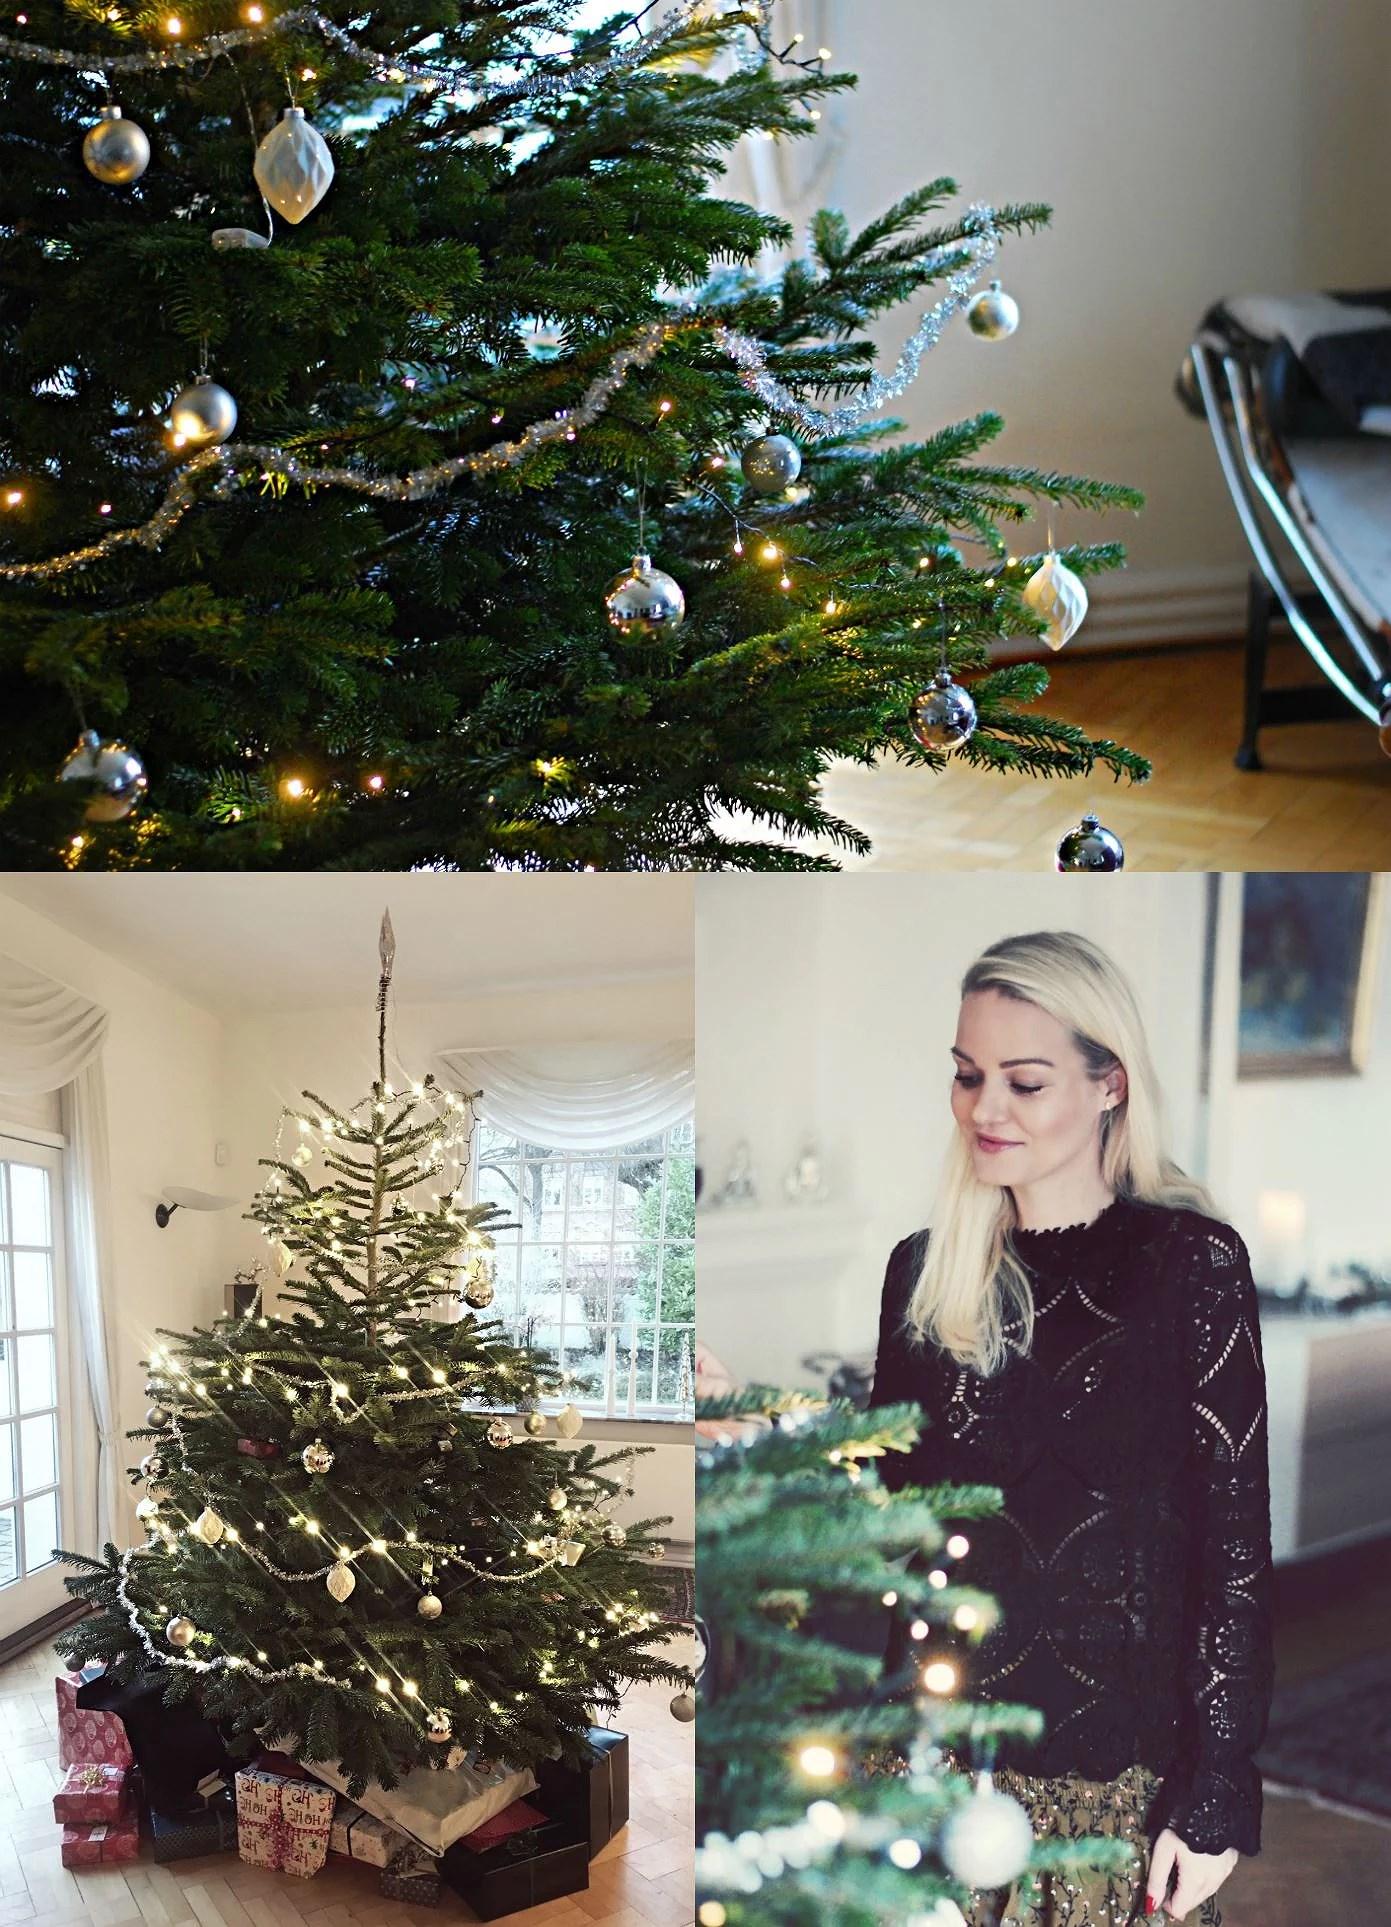 julie-von-lyck-jul